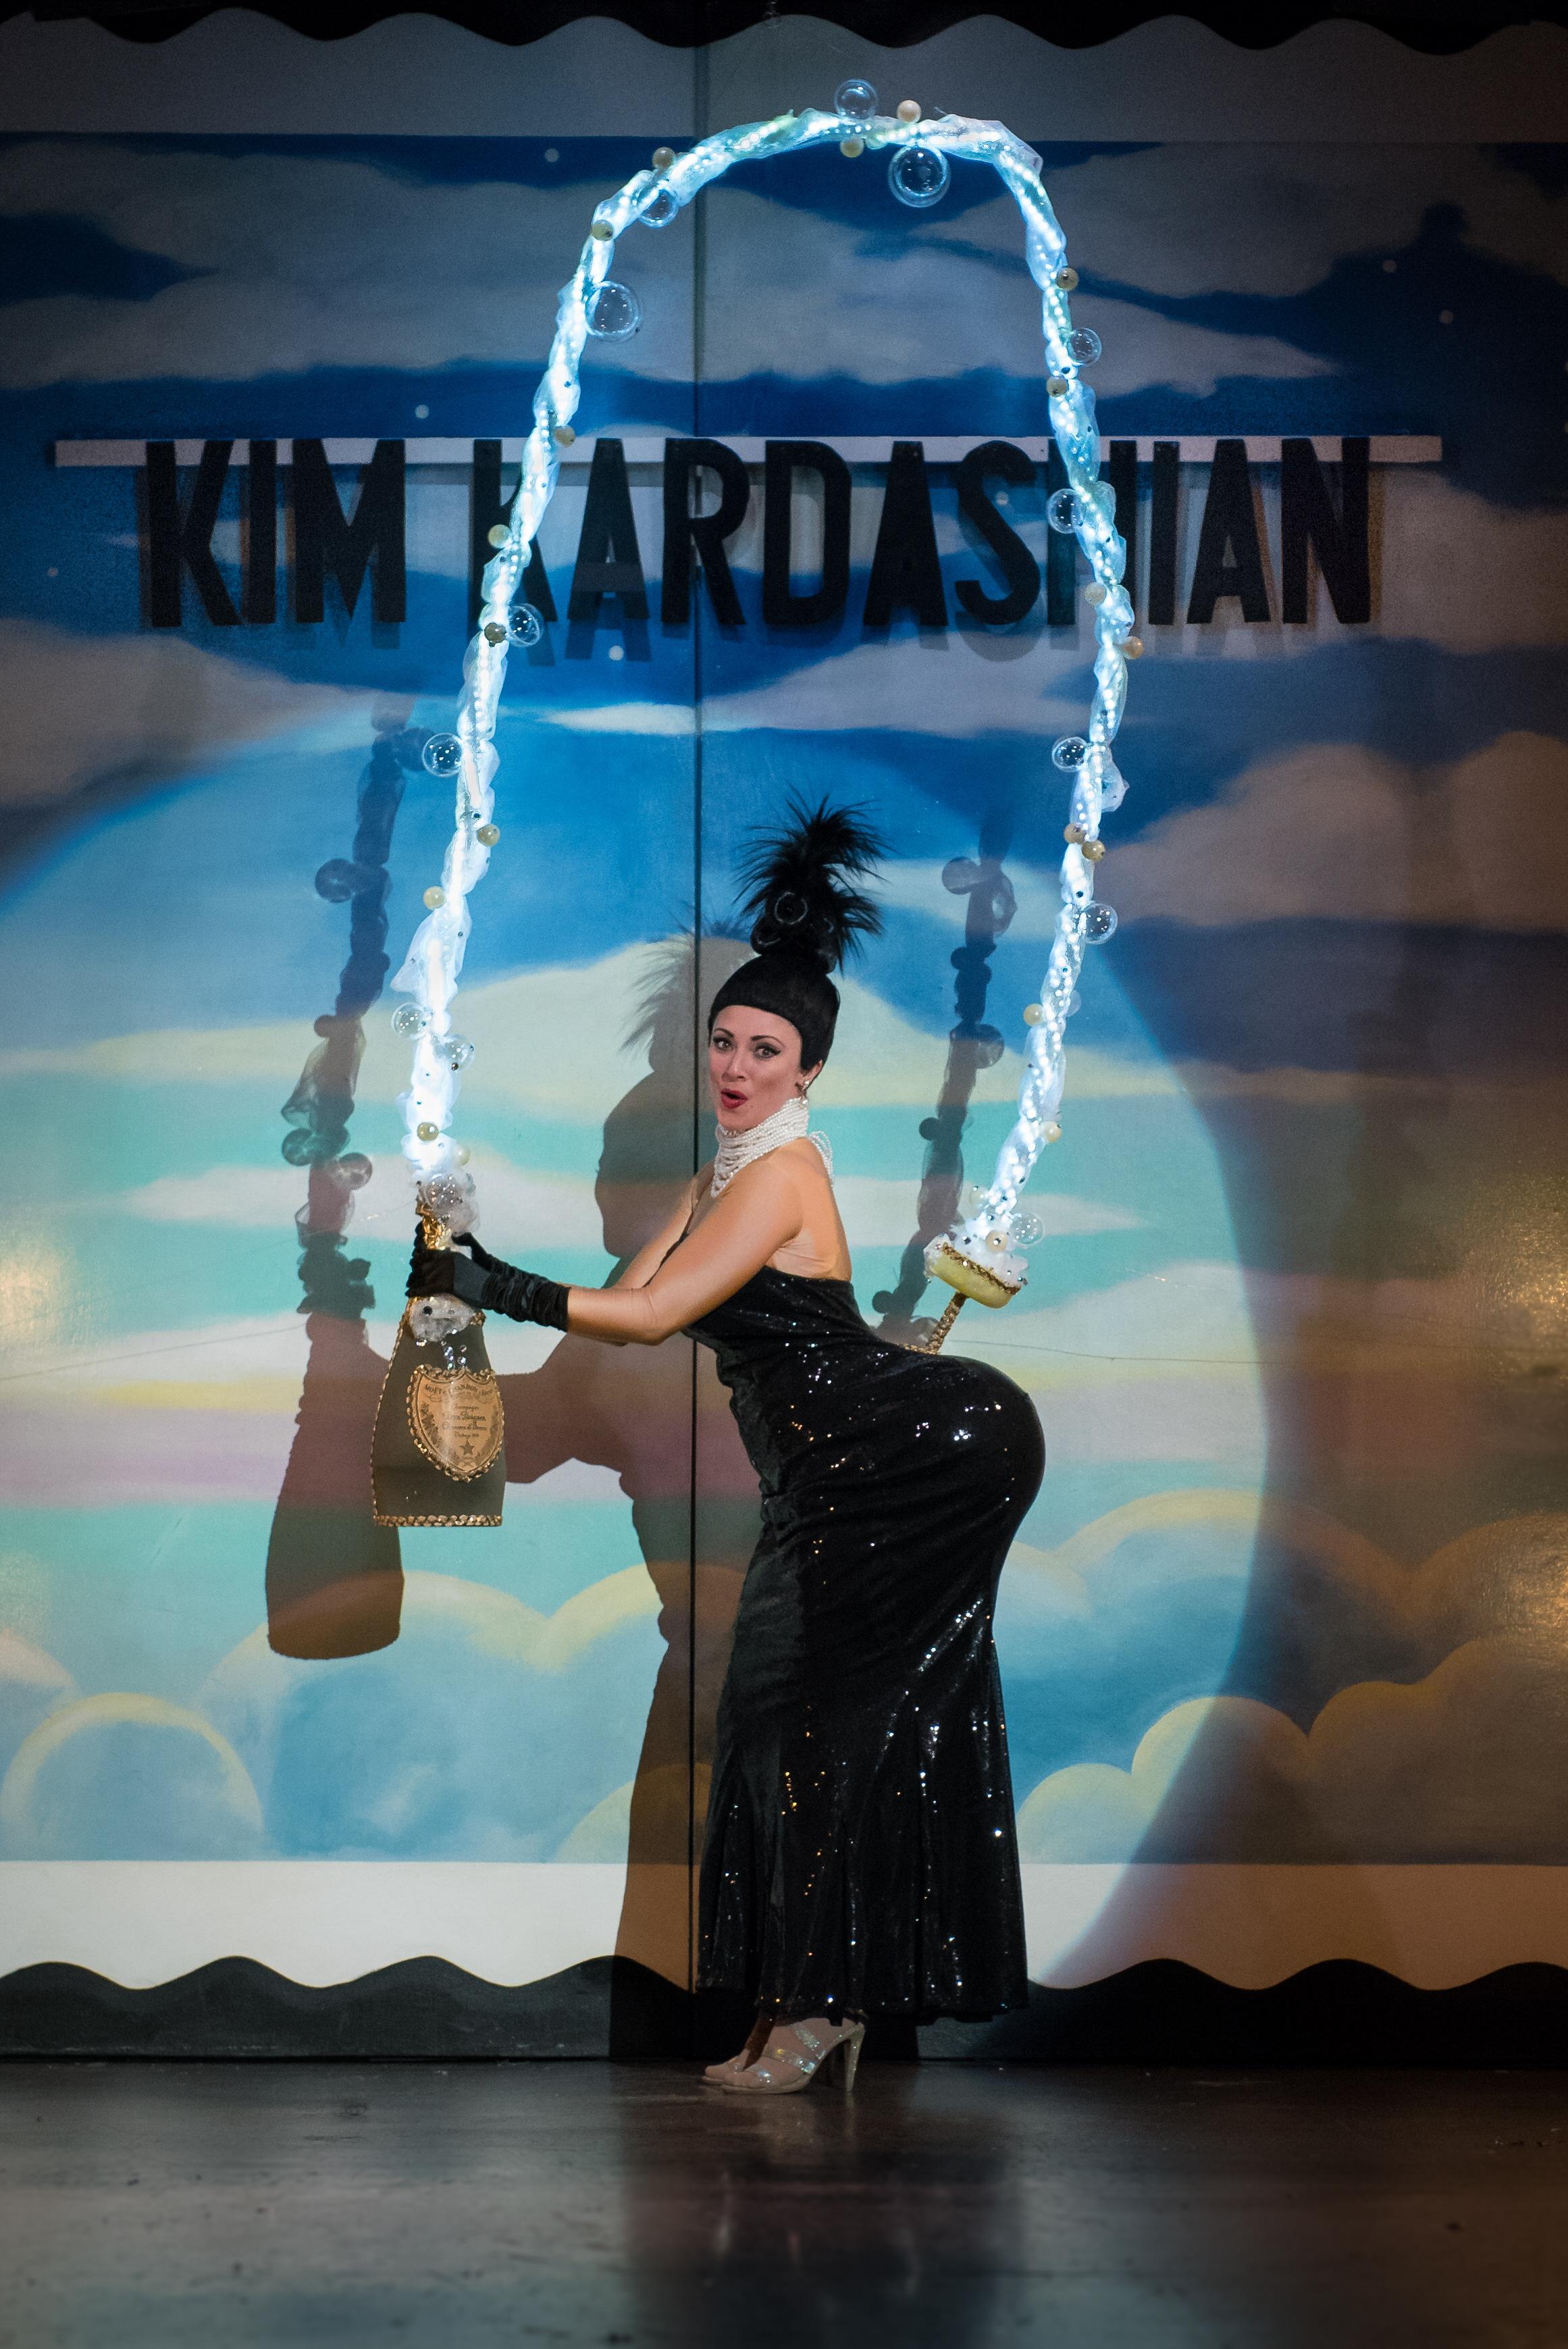 Kim Kardashian | Photo credit: Rick Markovich